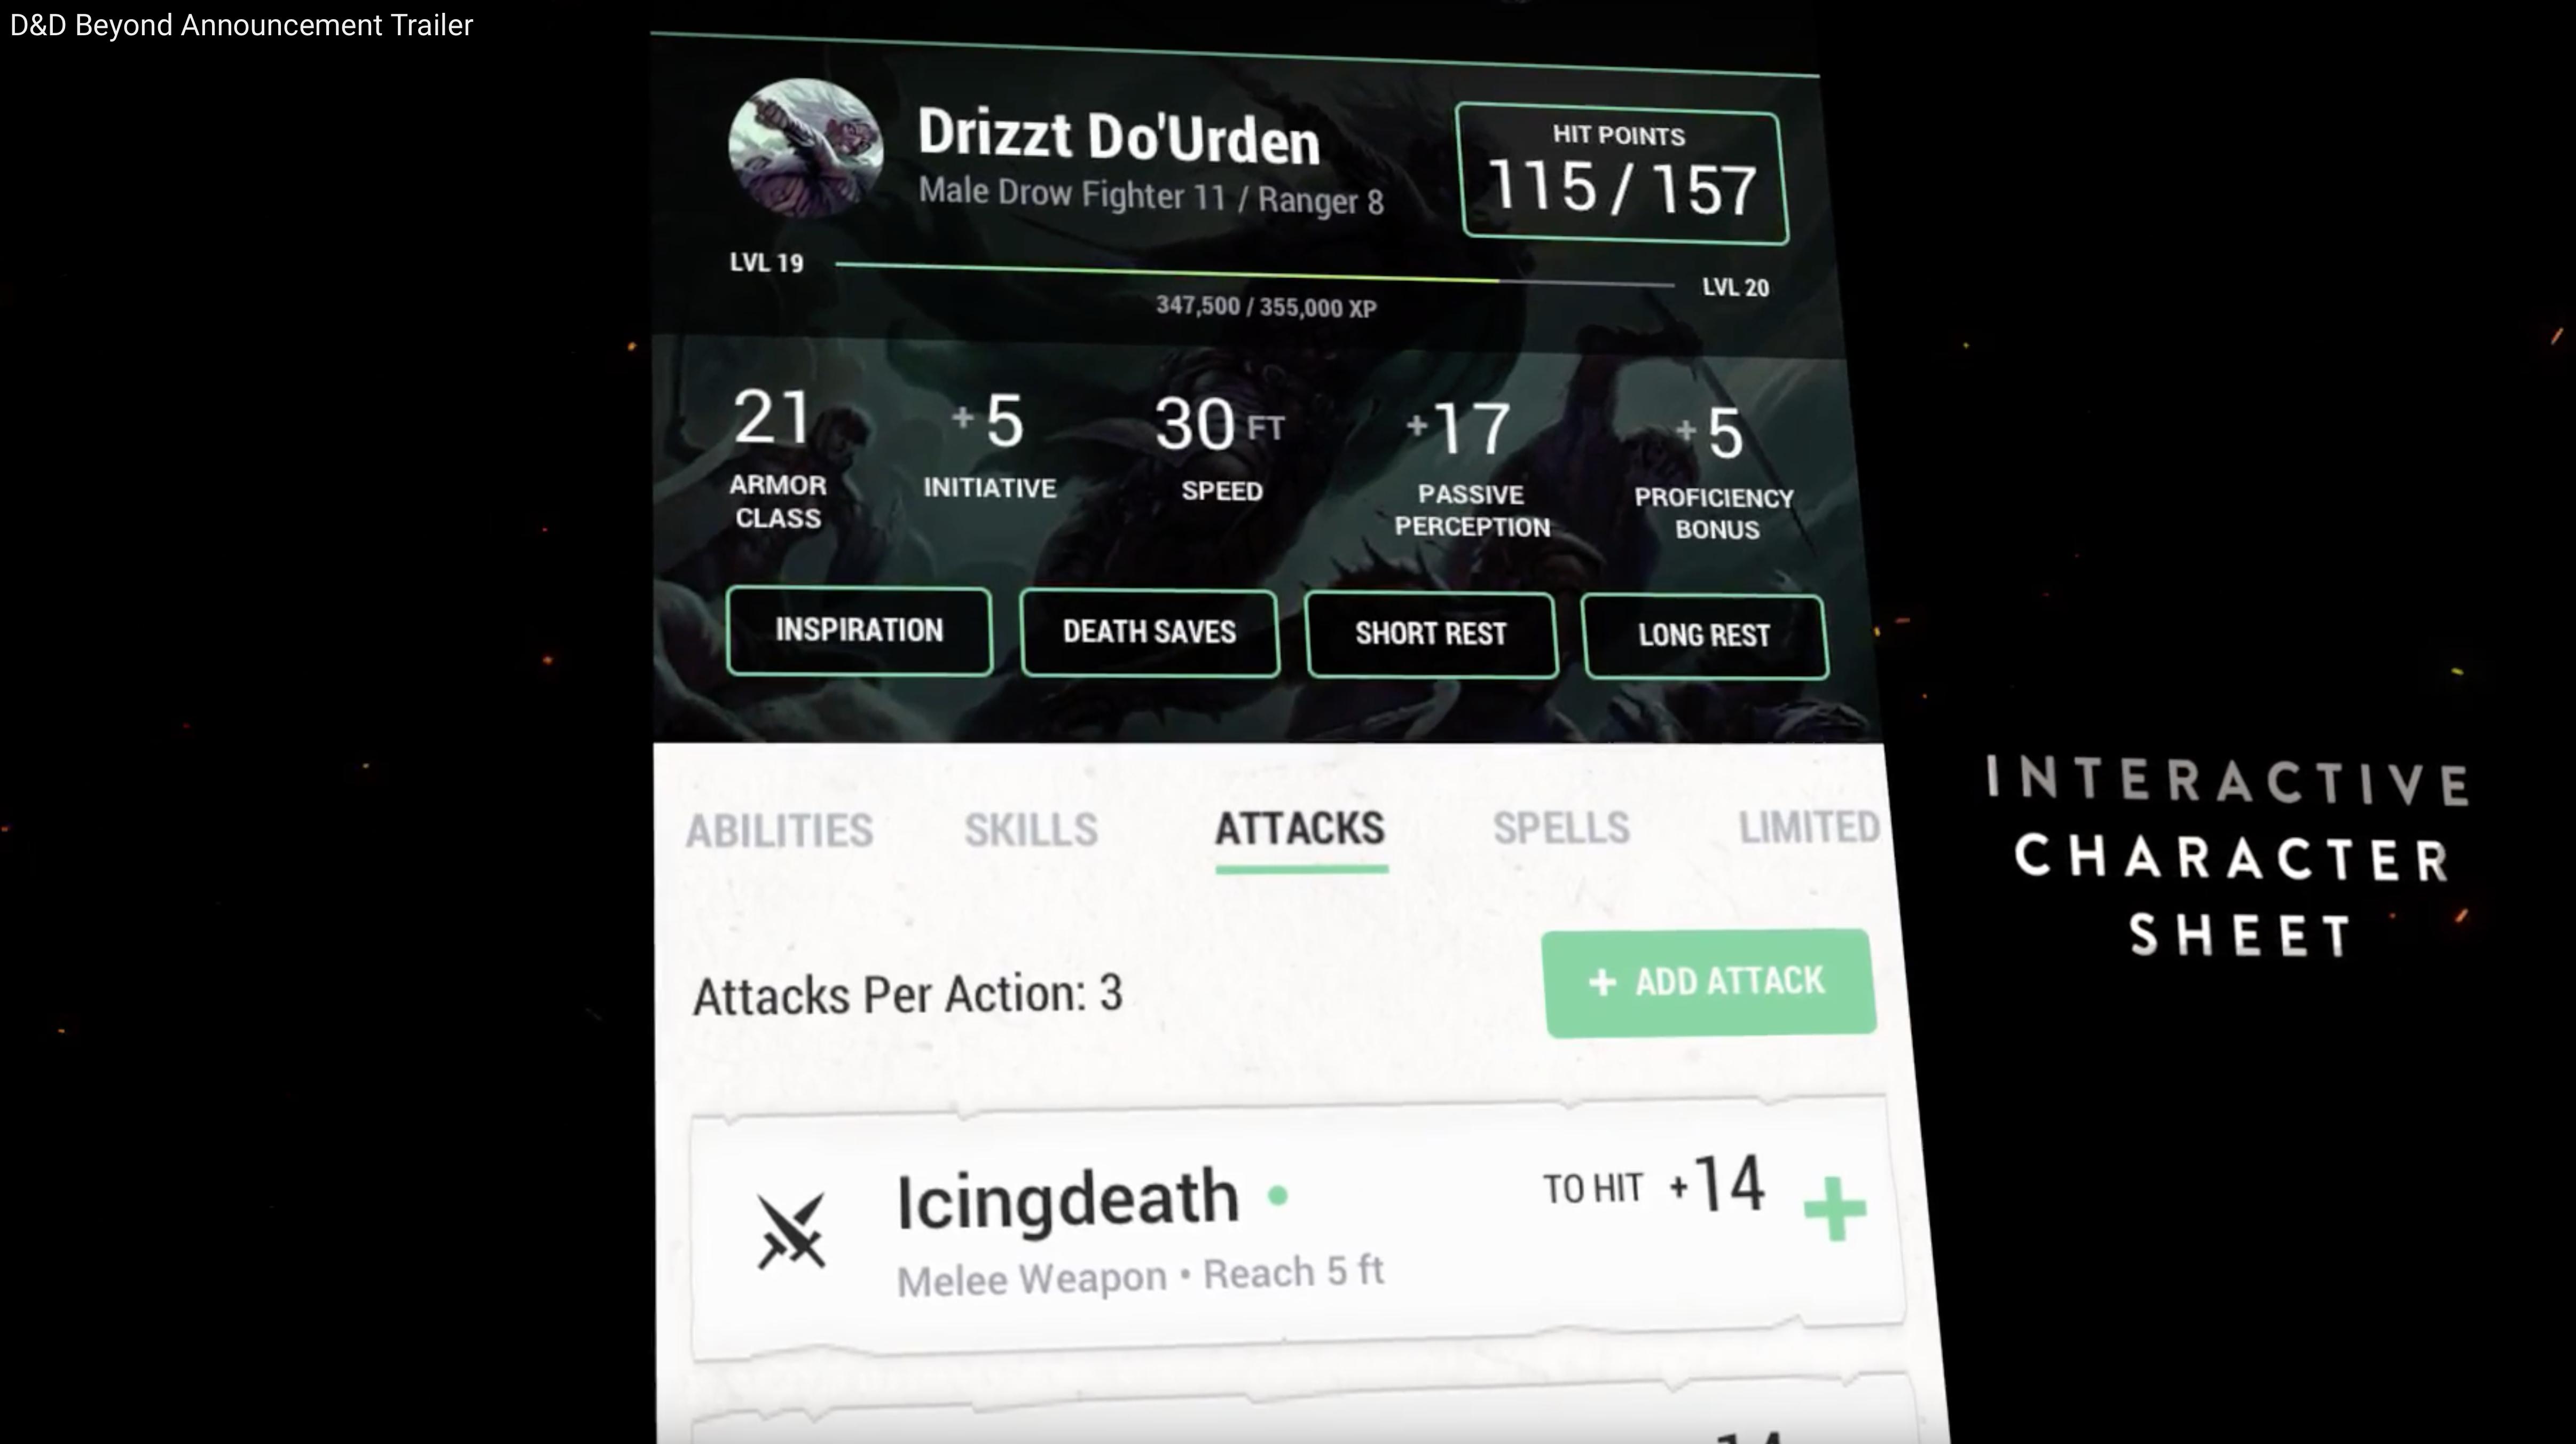 D&D Beyond: An Official D&D Digital Toolset & Character Builder